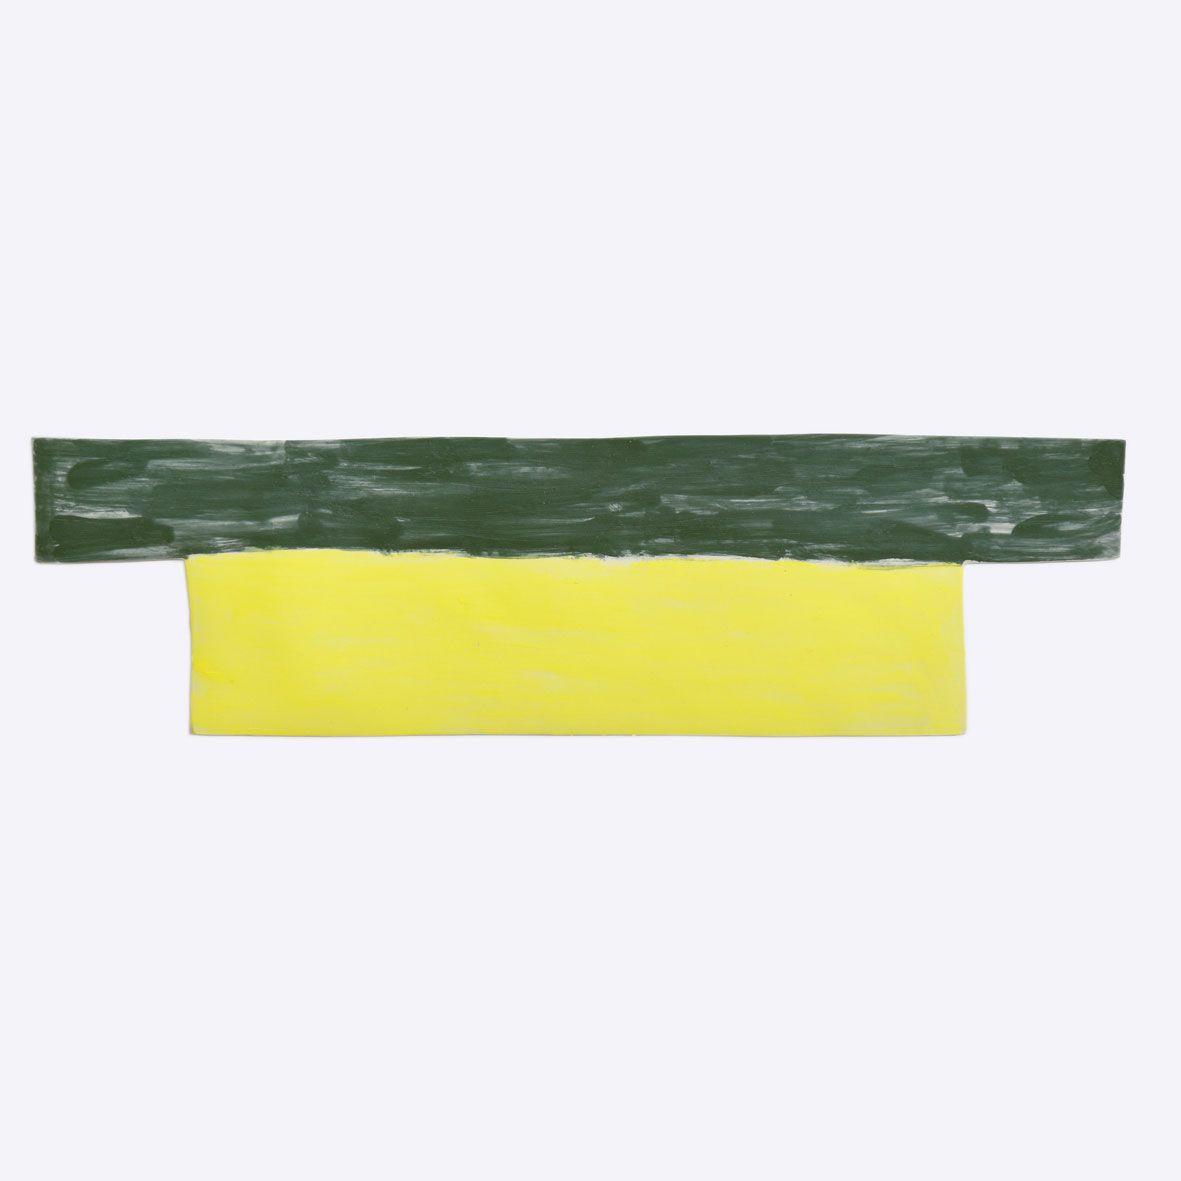 f.cournil-les-formes-plates-sans-titre-23-11x38-2017-675c0270159c7cd7fde1e5cfdce6d014